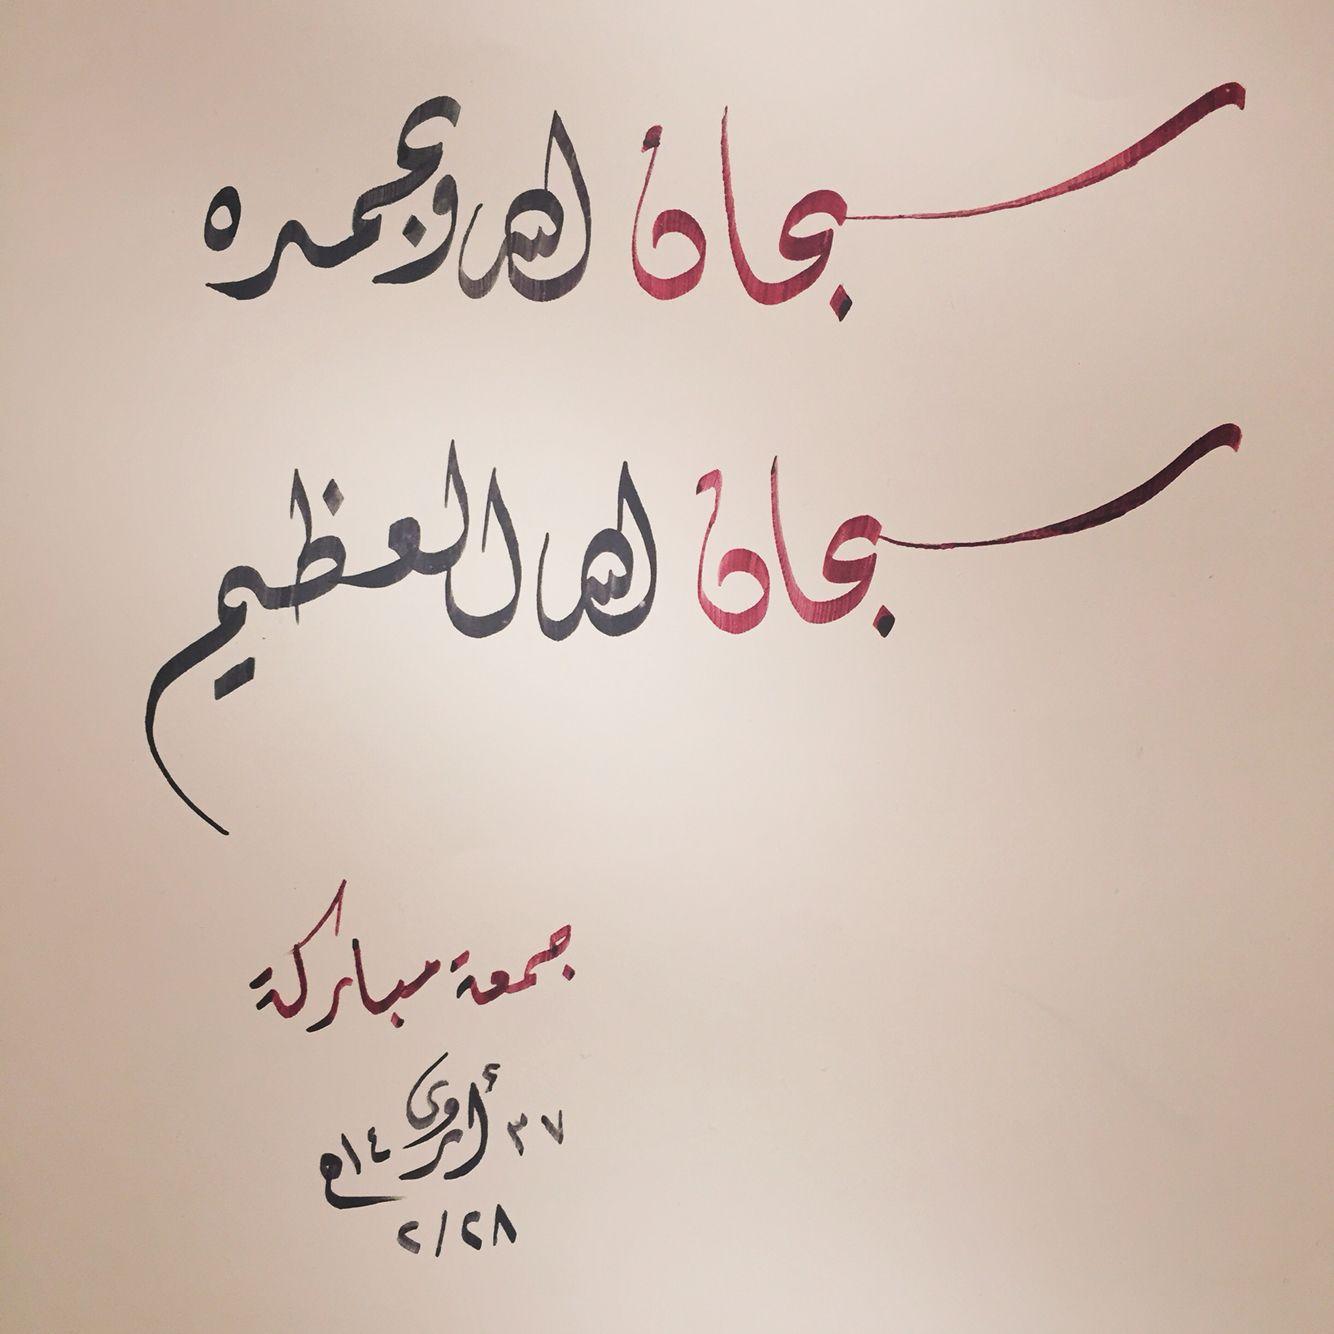 سبحان الله و بحمده سبحان الله العظيم الخط الديواني Arabic Arabic Calligraphy Calligraphy